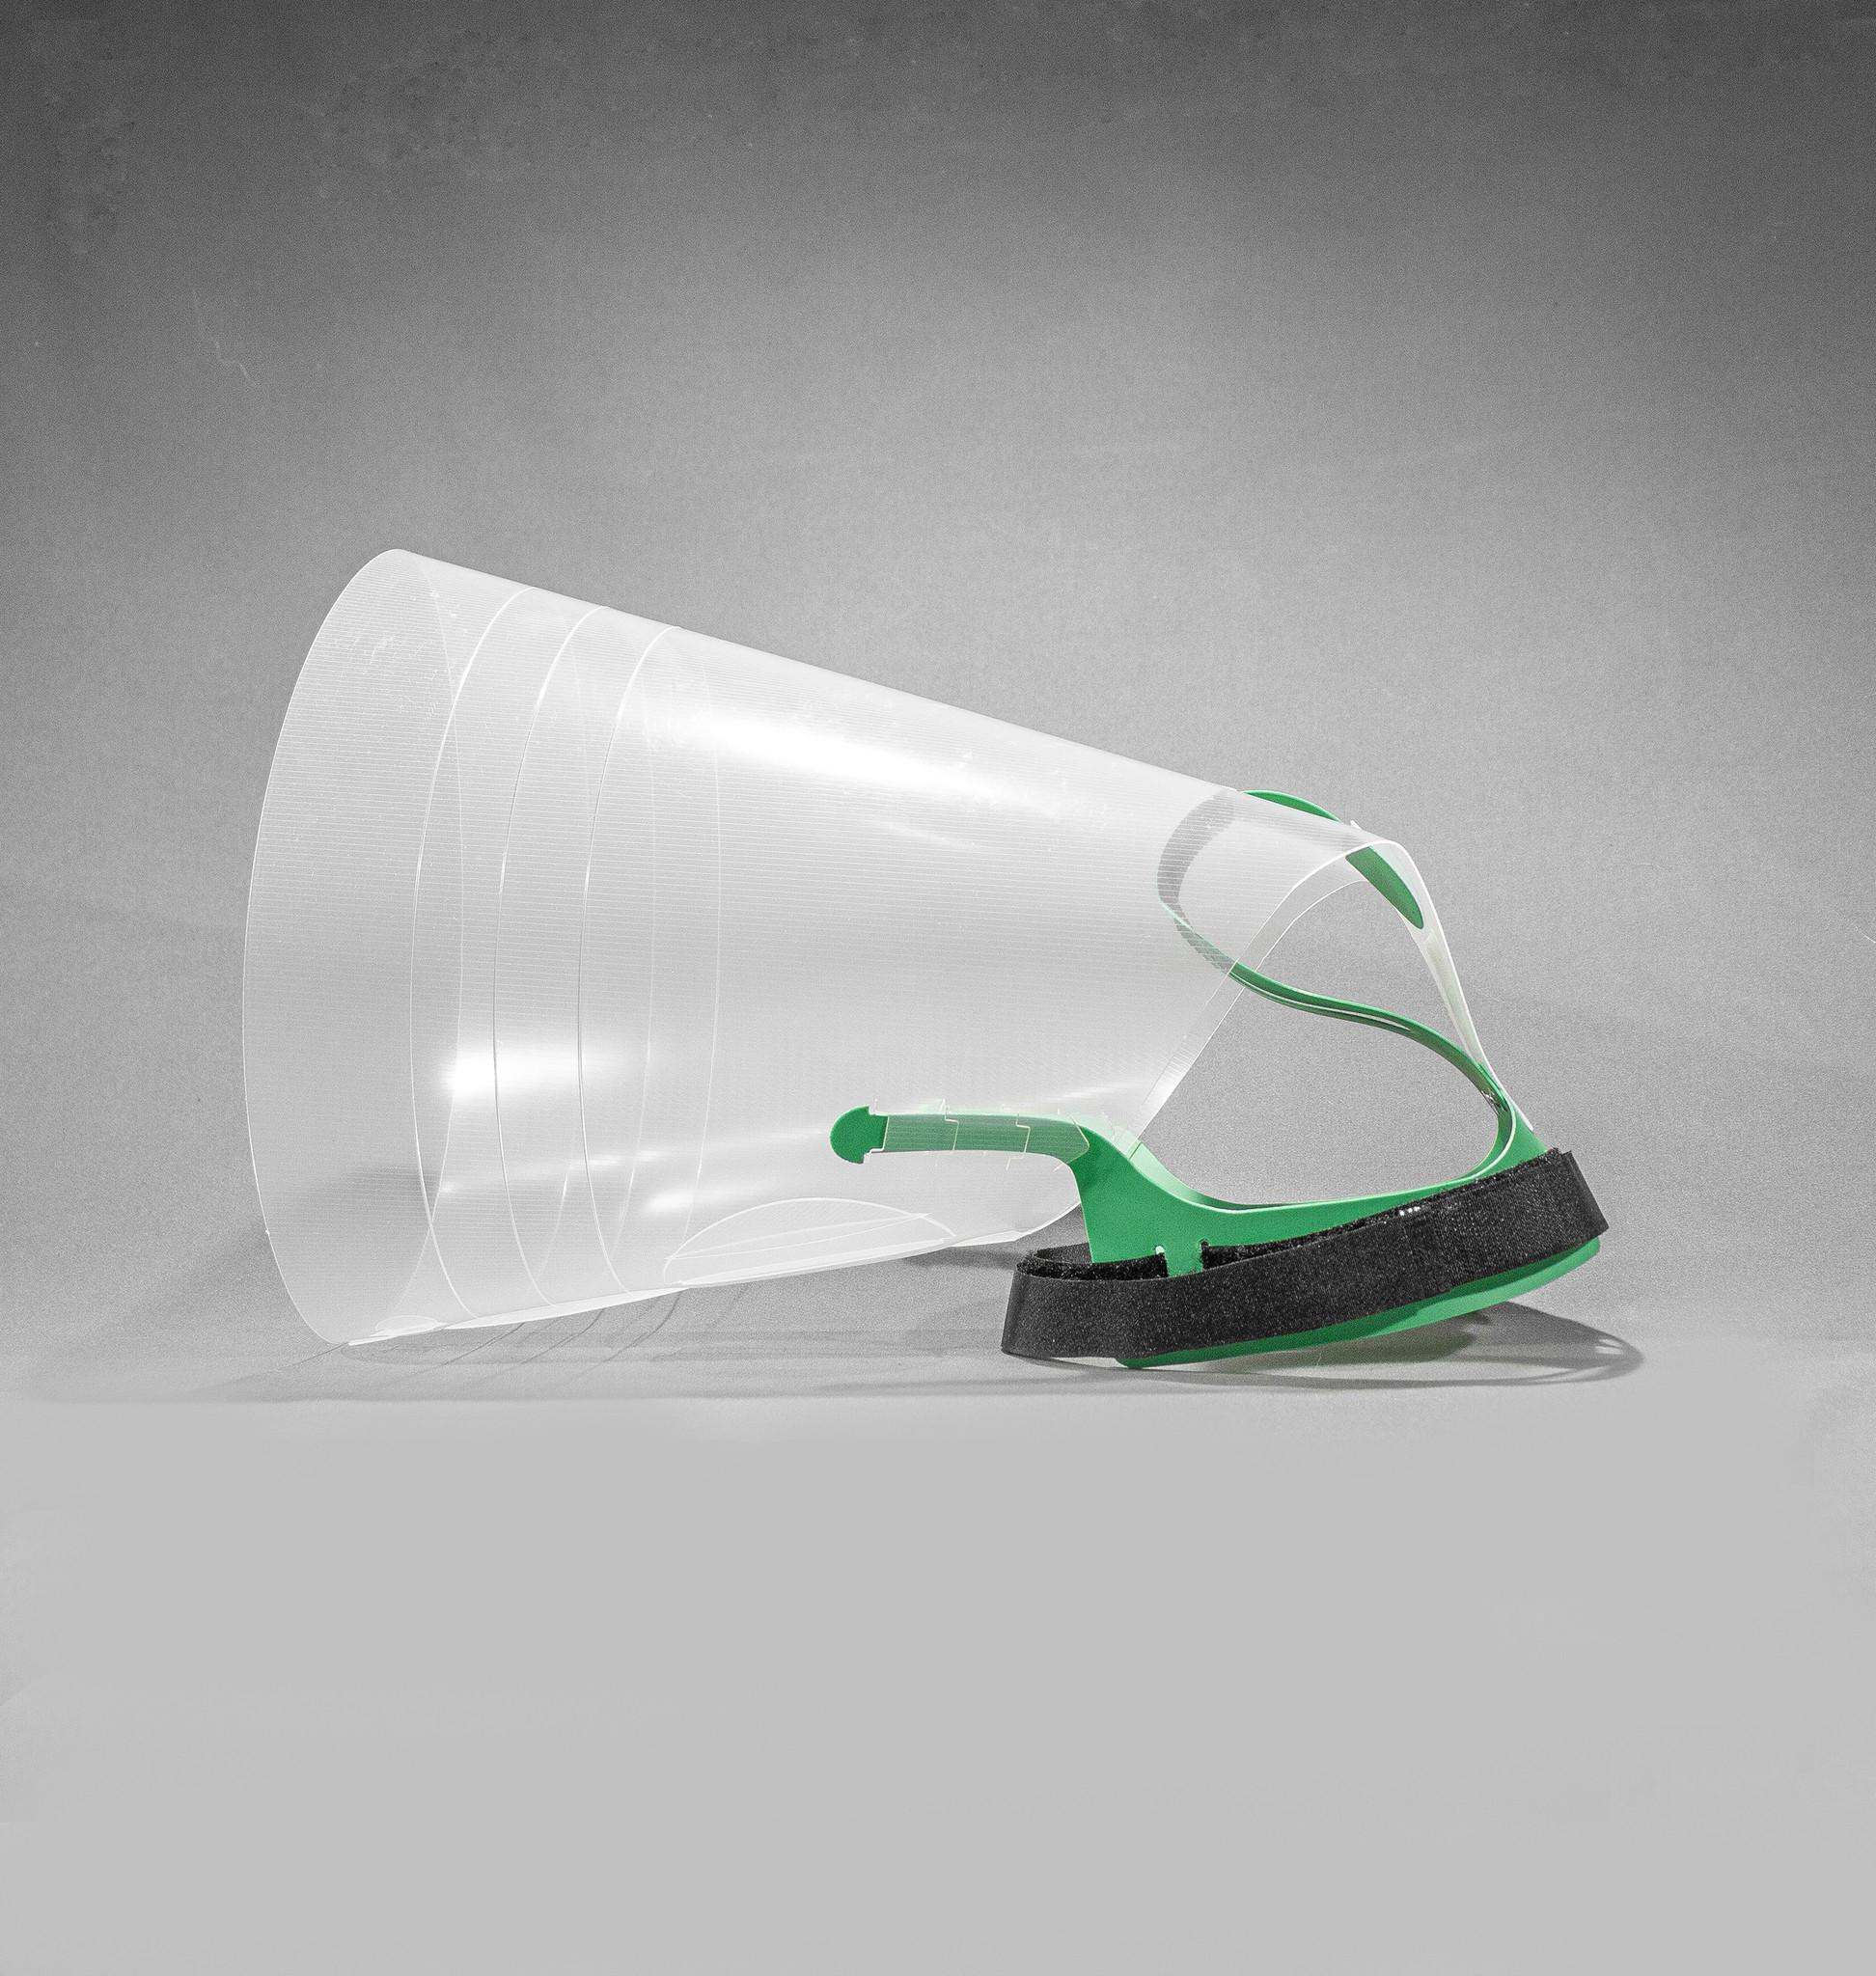 NOVAGUARD Protection à lécher NOVAGUARD PN407, taille : moyenne, couleur : vert